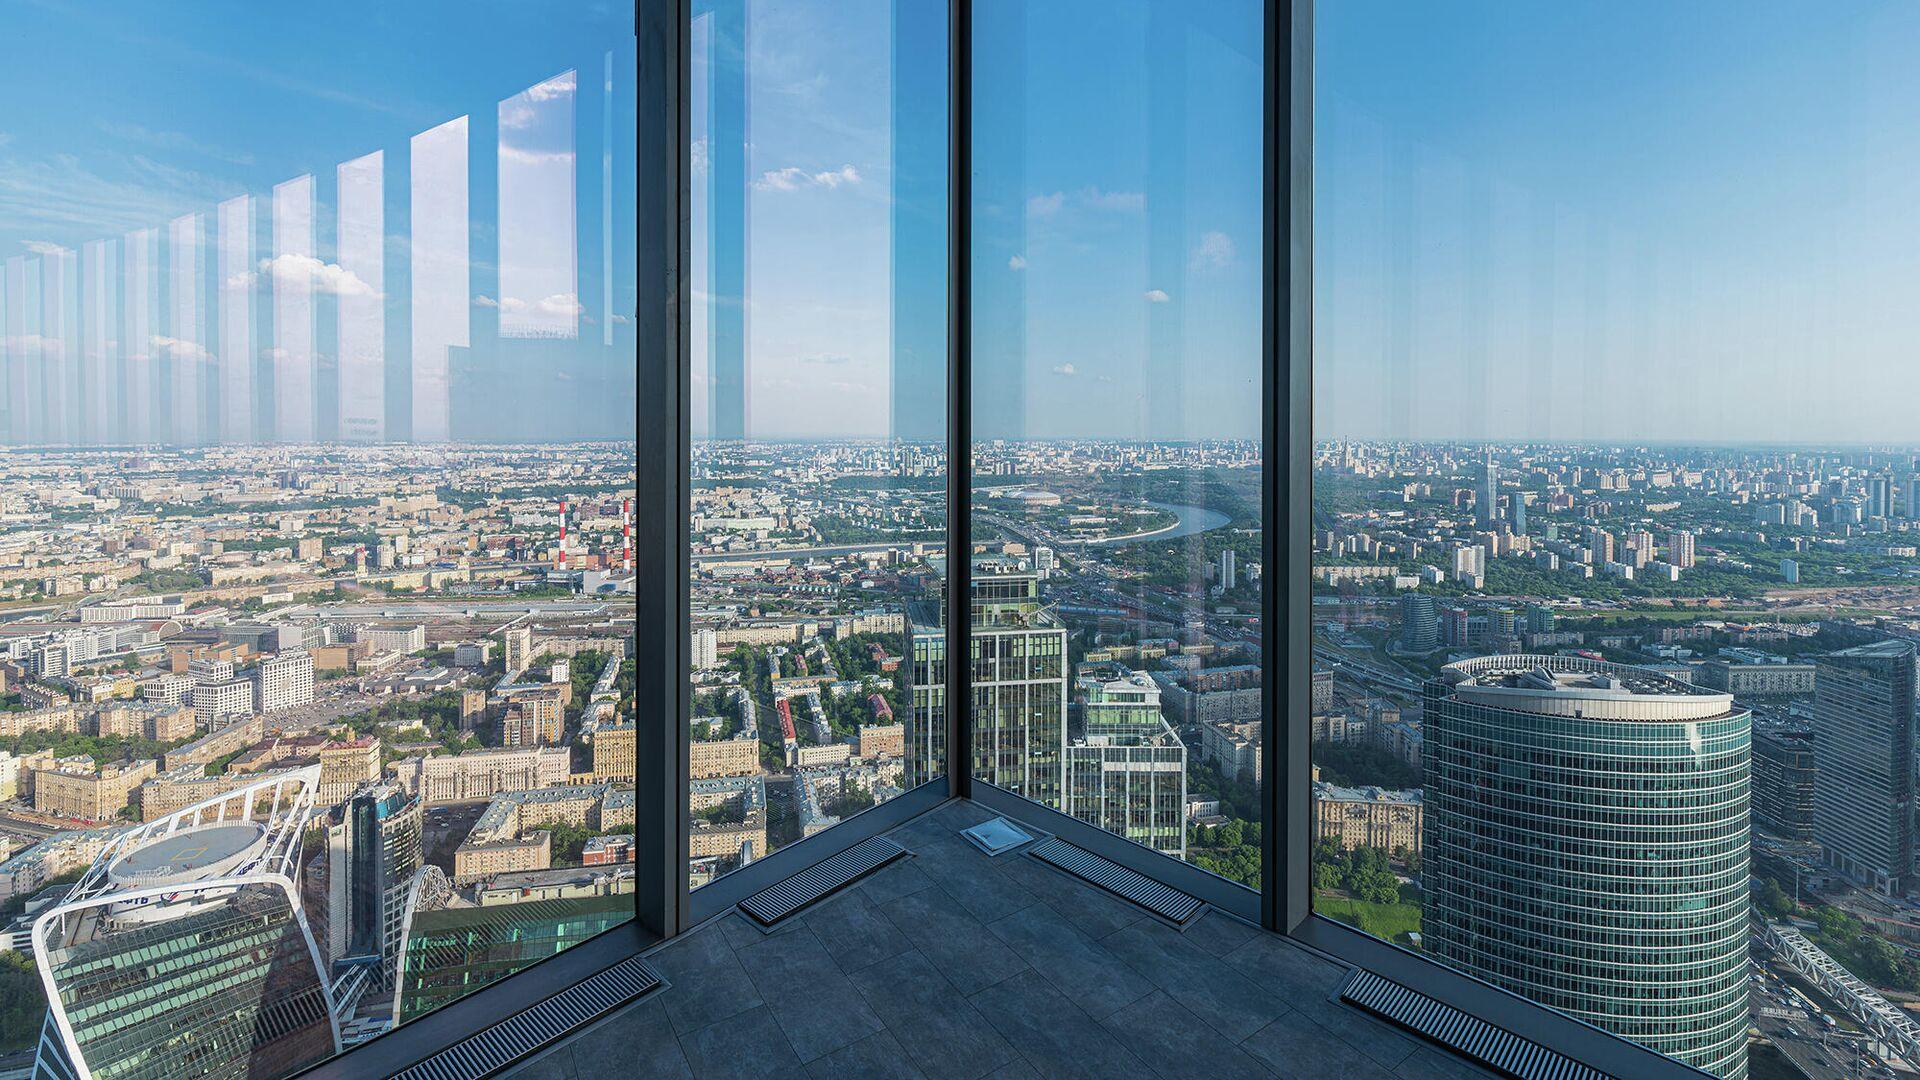 90-й этаж башни Восток делового комплекса Федерация - РИА Новости, 1920, 19.06.2020